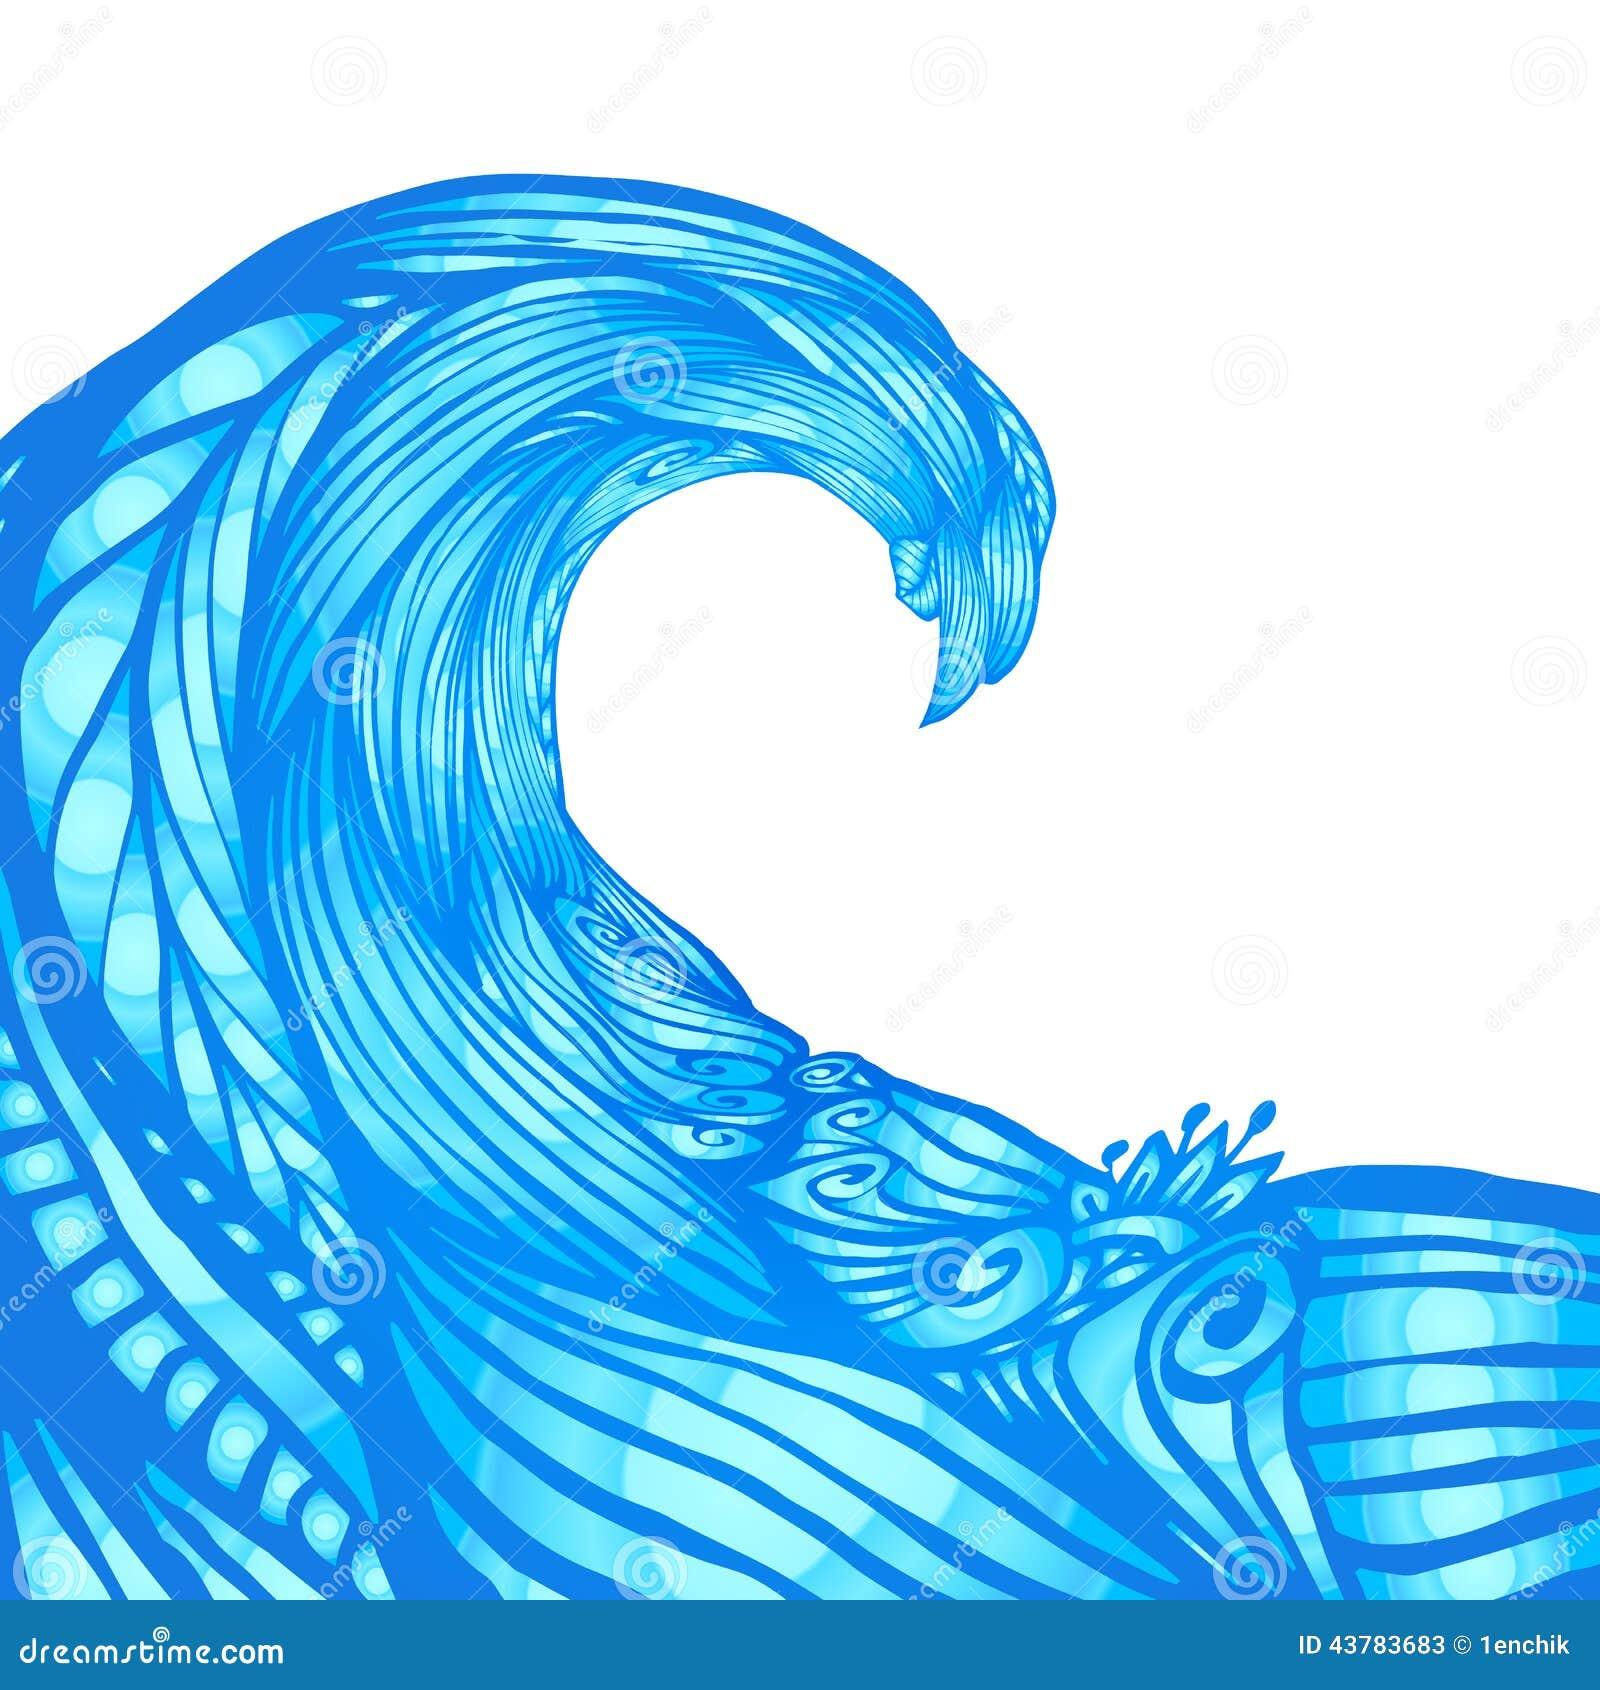 Blue Ornate Doodle Wave Vector